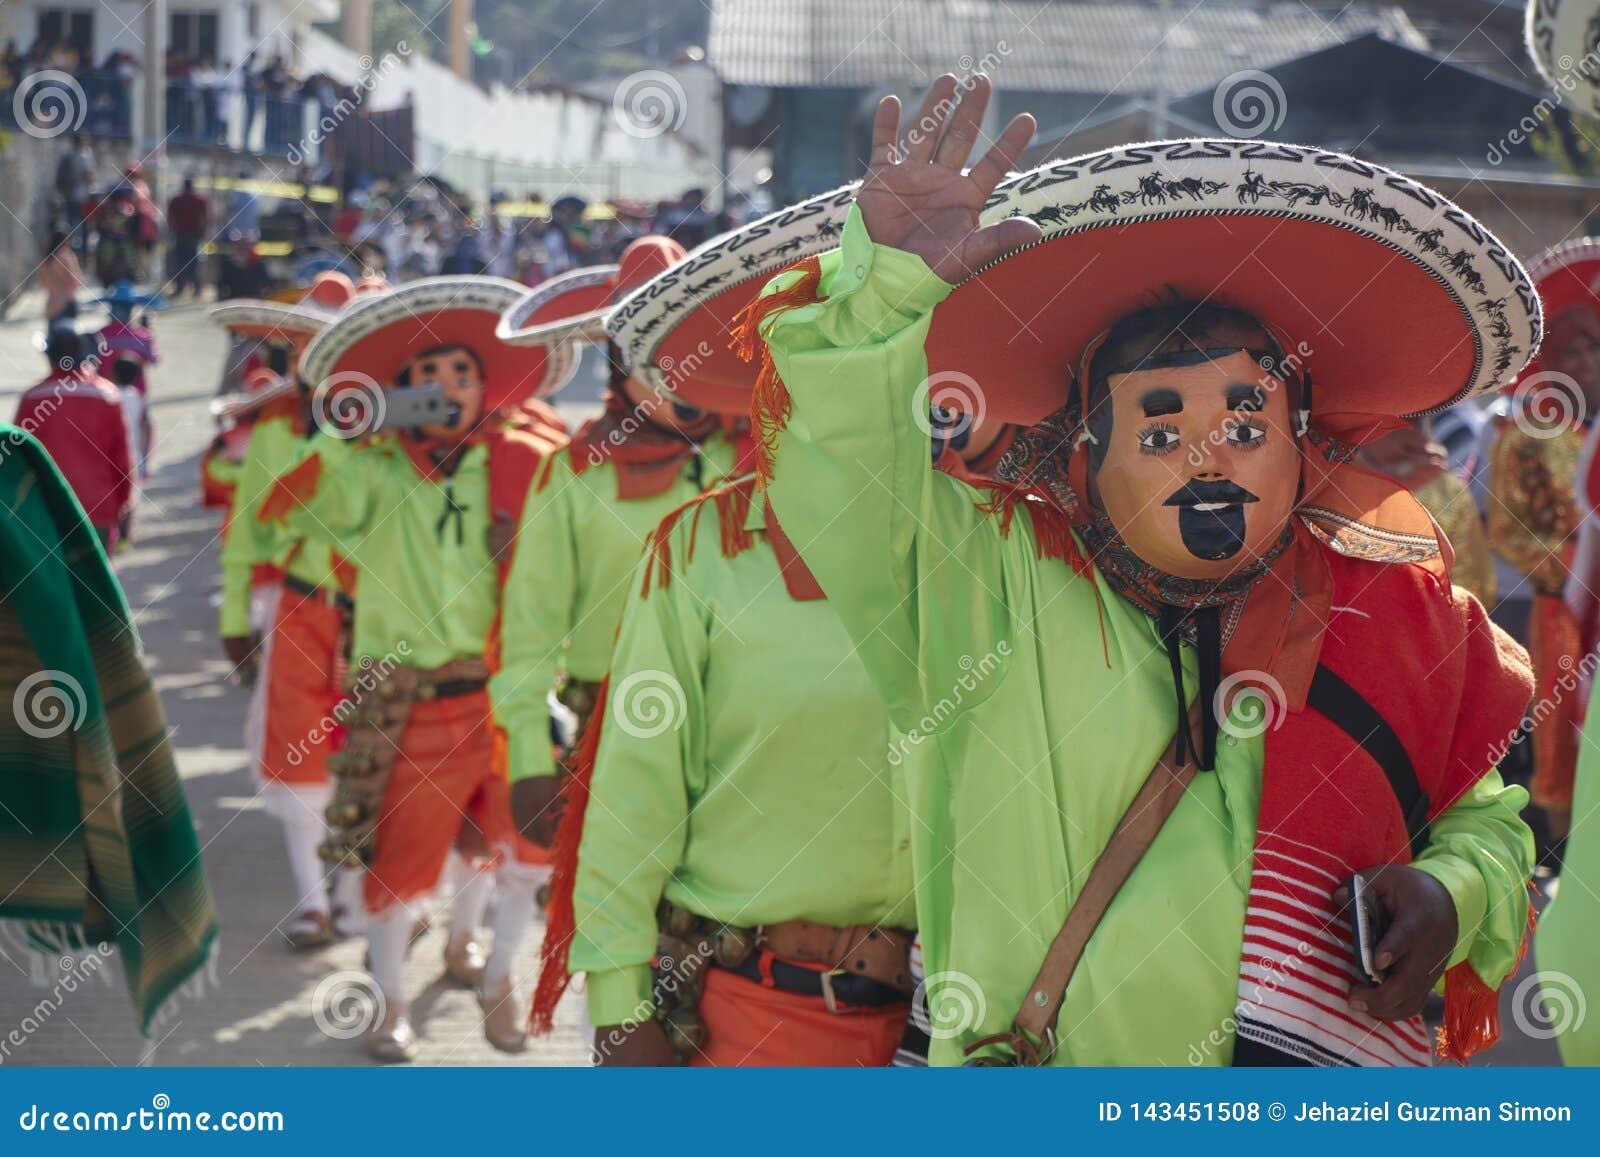 人问候,使用面具,假装作为与绿色衬衣和橙色帽子的墨西哥流浪乐队